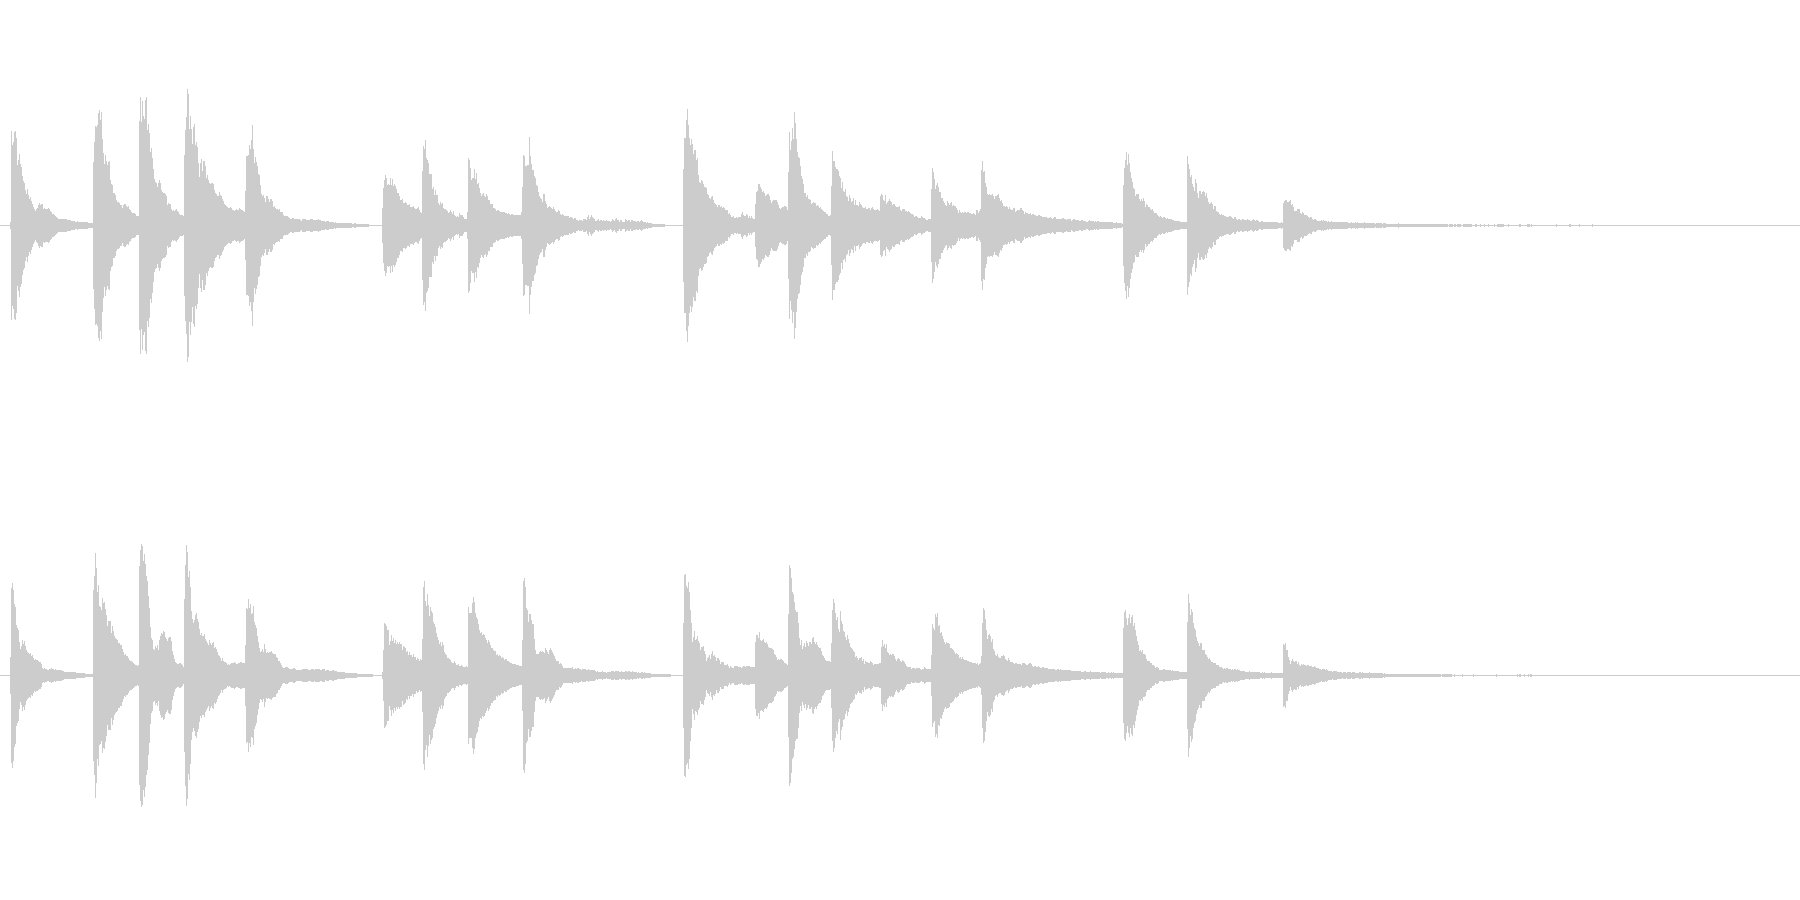 朗読・証言のBGM用~短いピアノソロ~の未再生の波形